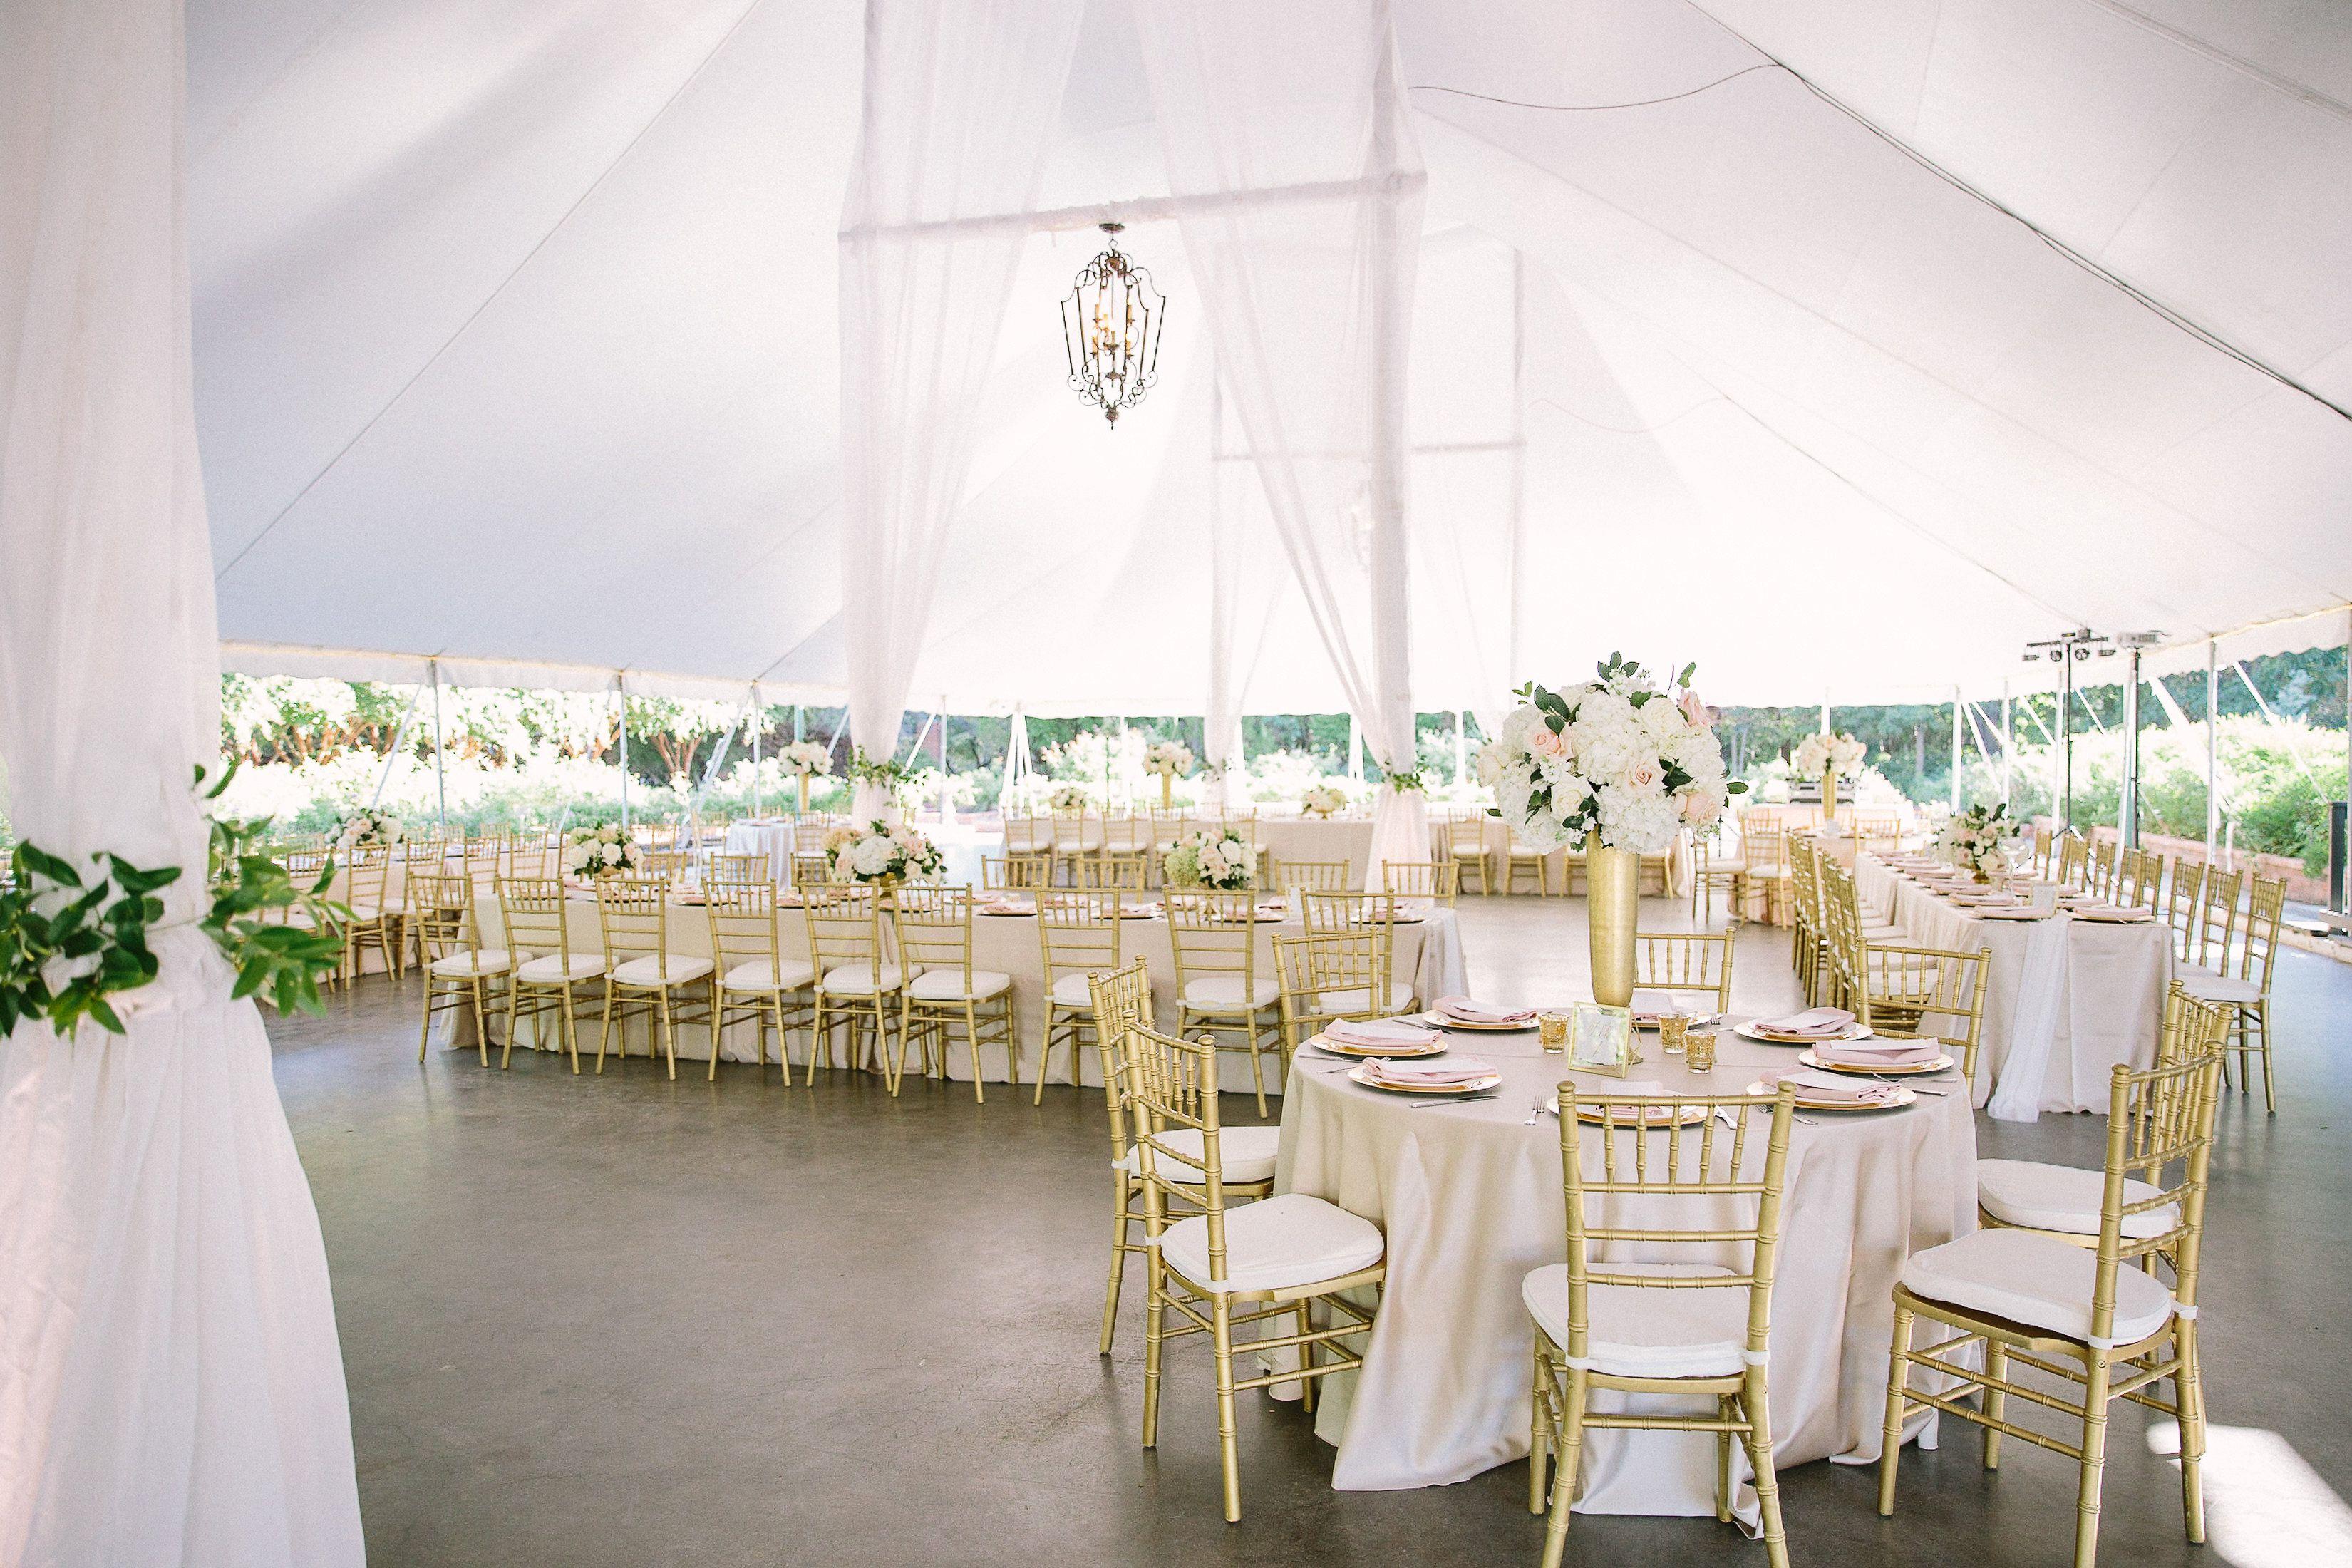 Garden wedding reception at Clark Gardnes. Photo Credit